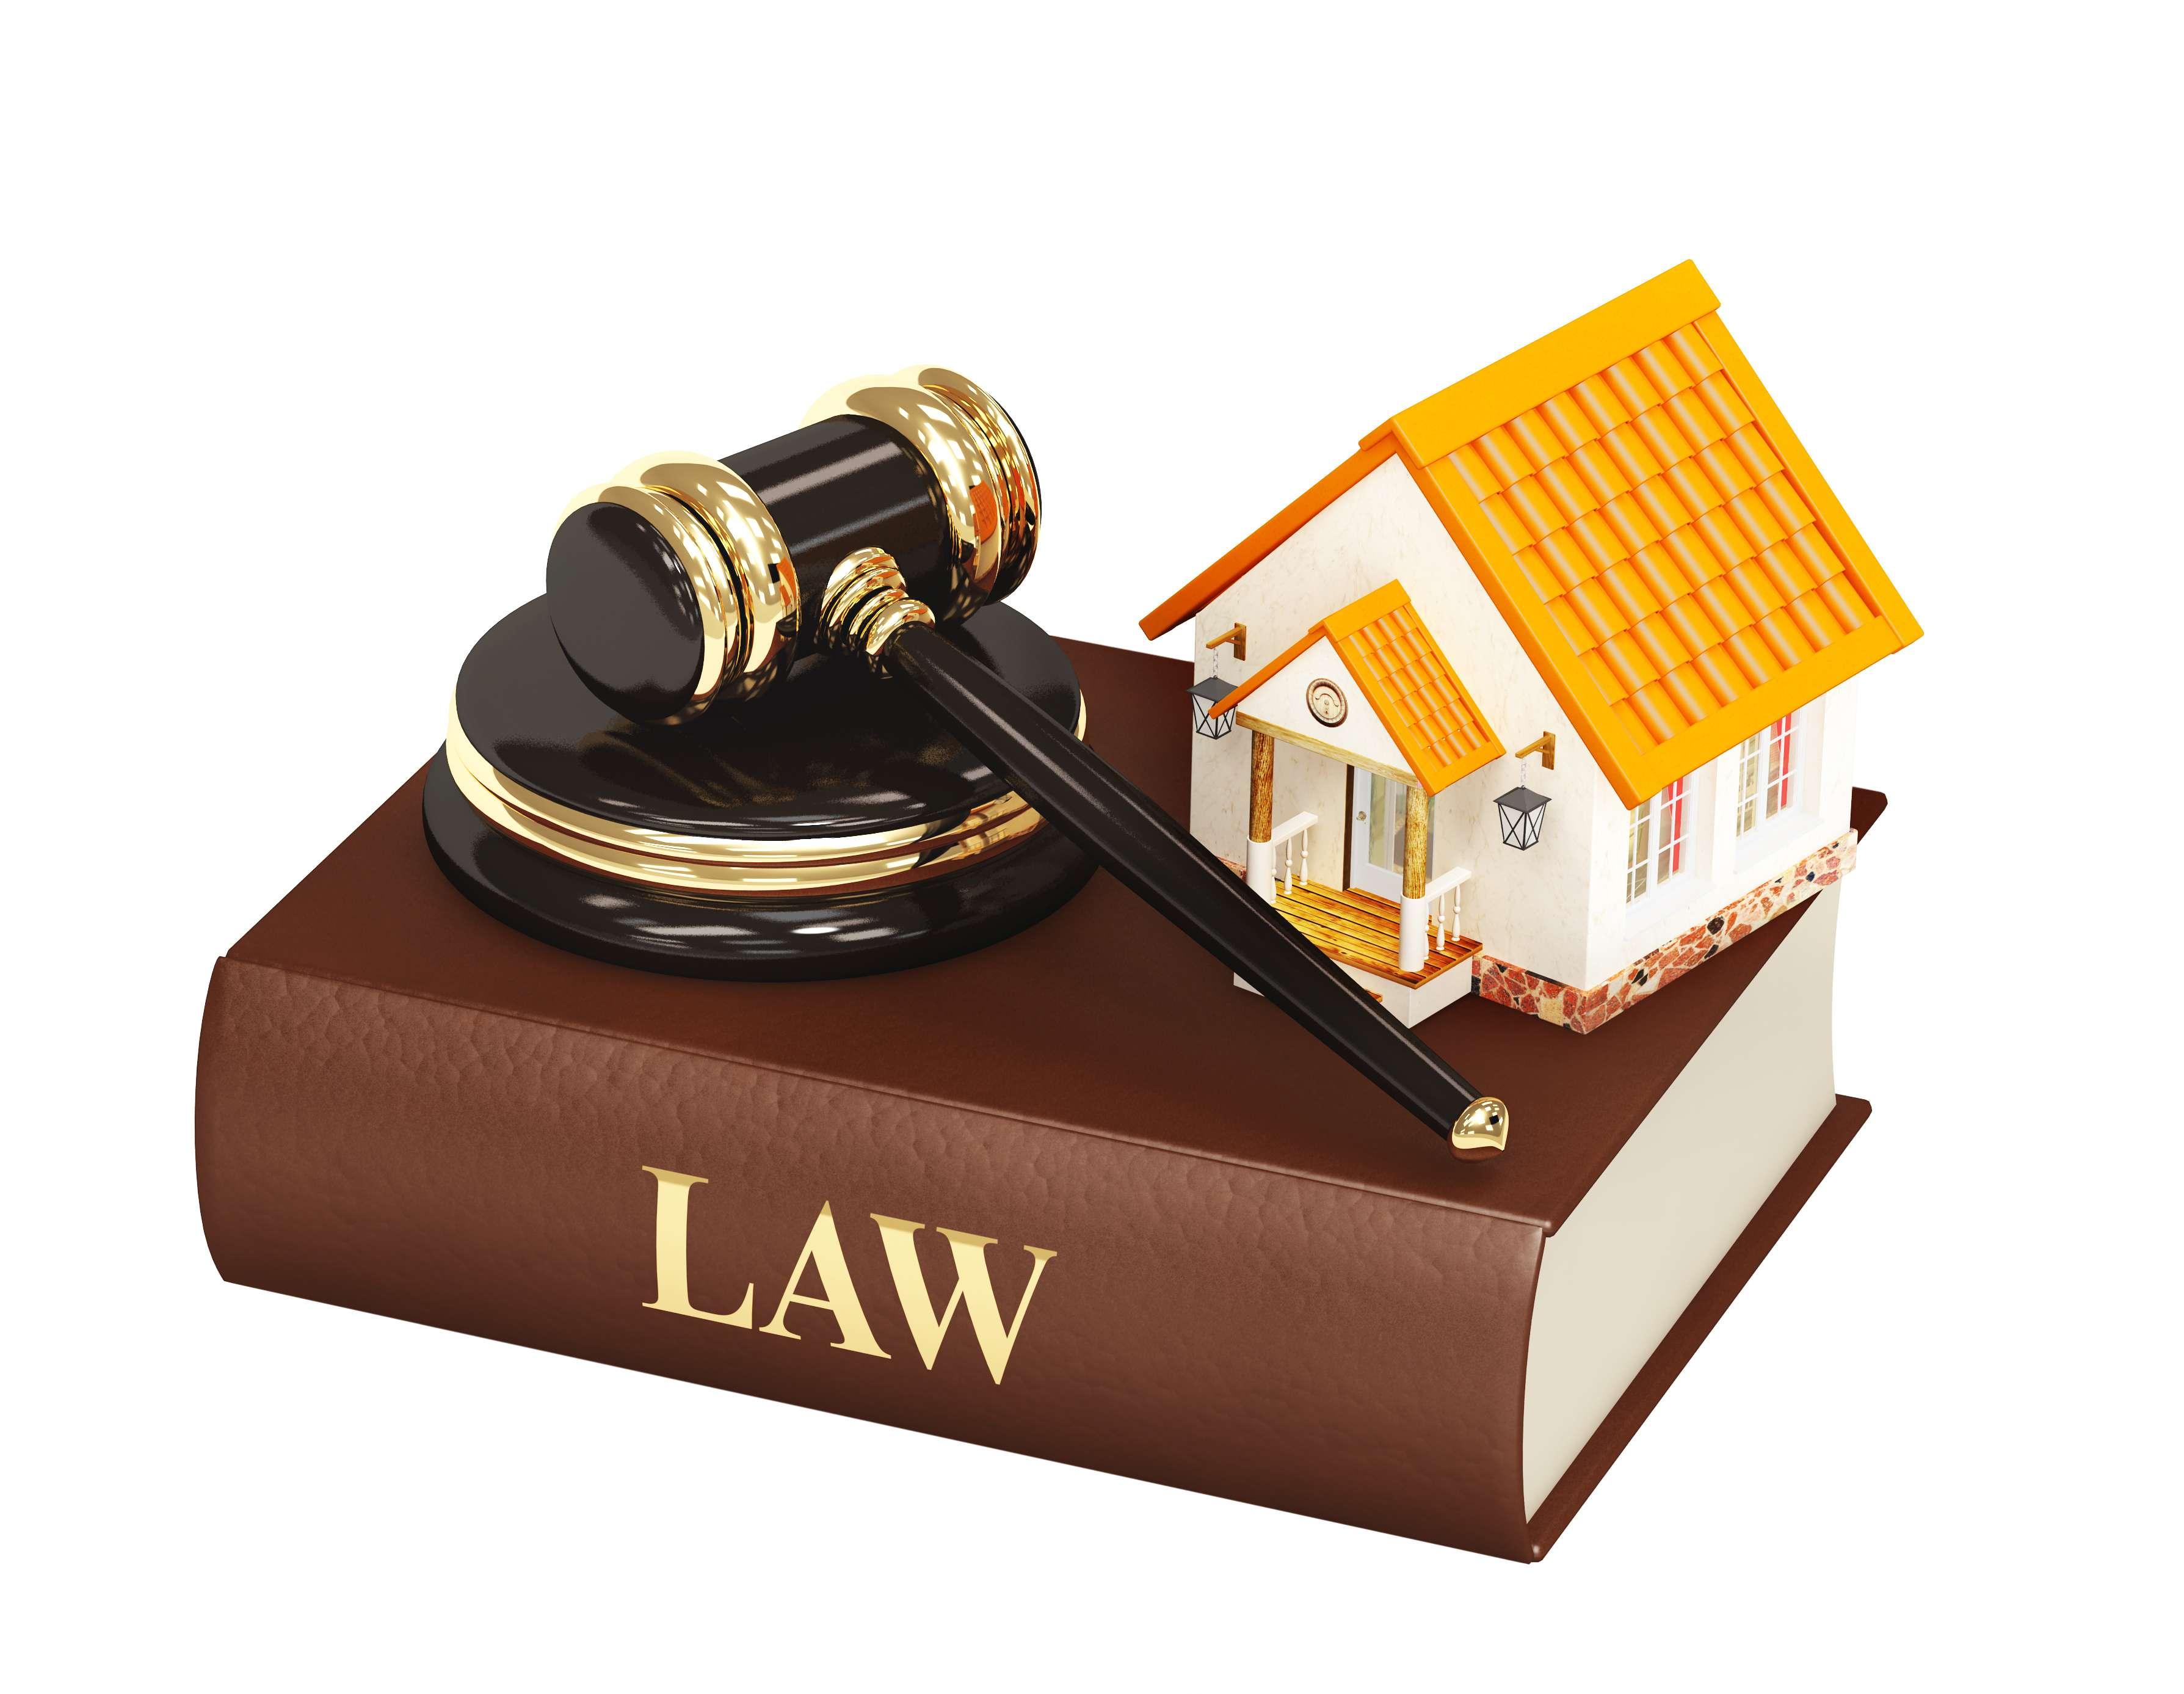 Dịch vụ pháp lý - Một ngành mới nhưng đầy triển vọng